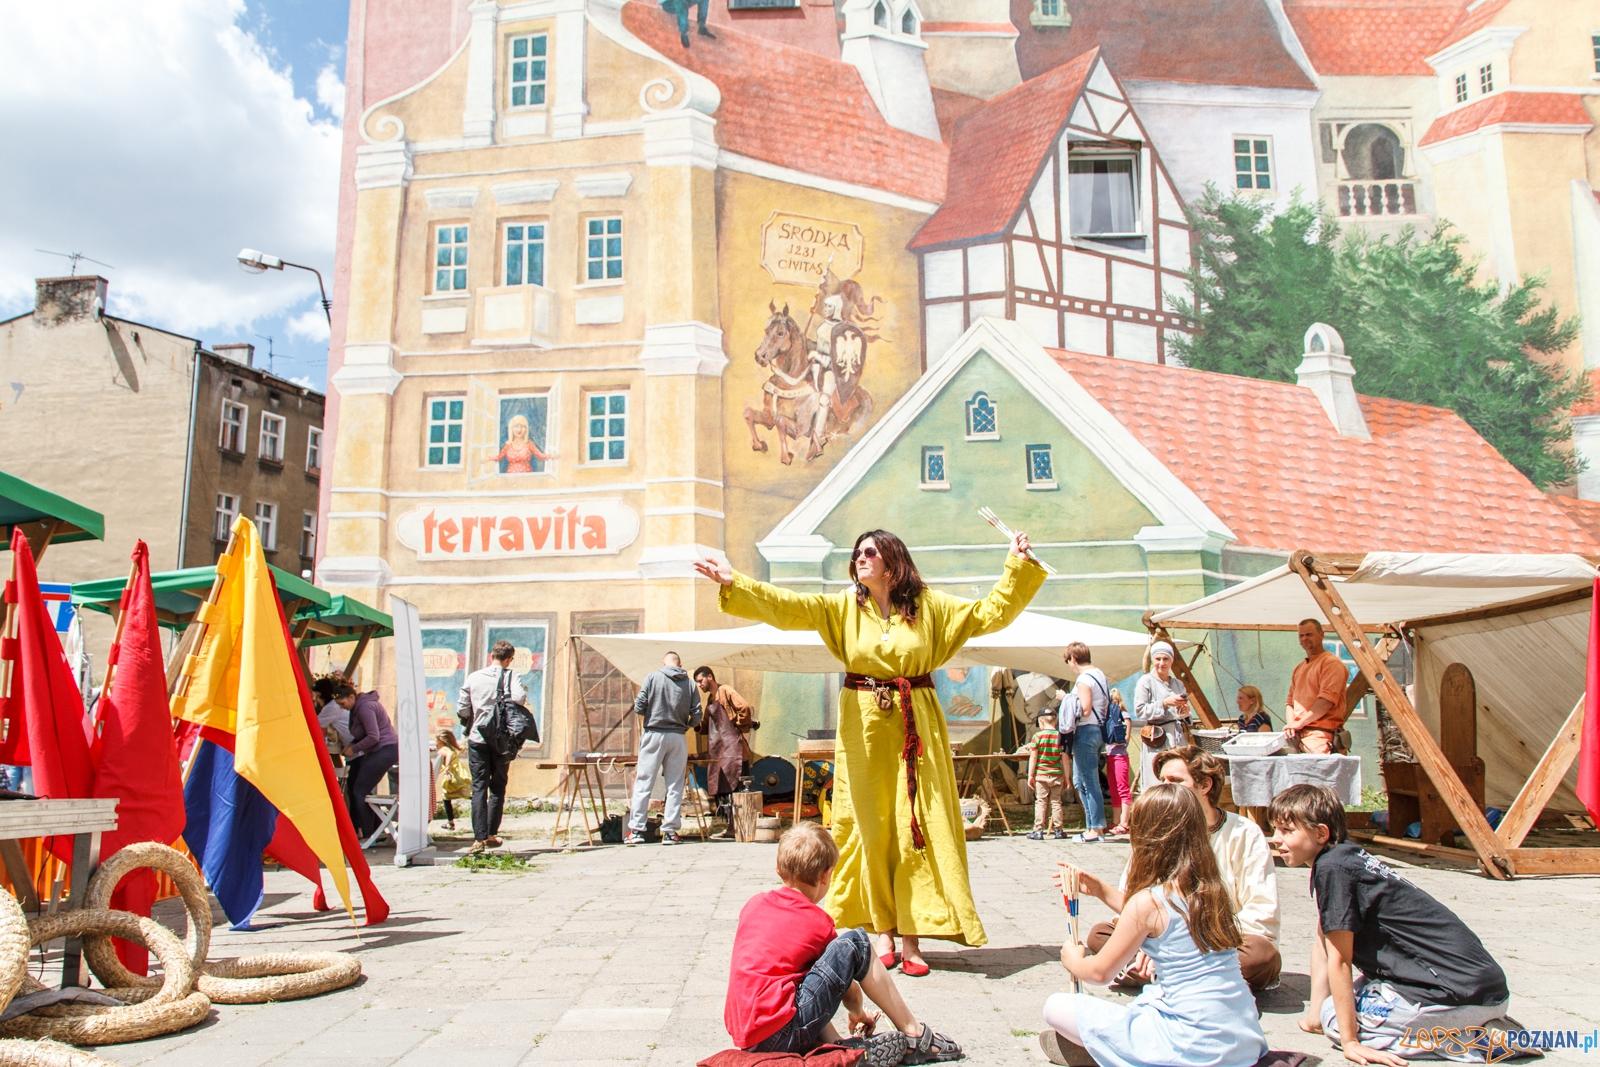 VII Średniowieczny Targ Śródecki - Poznań 11.06.2016 r.  Foto: LepszyPOZNAN.pl / Pawel Rychter